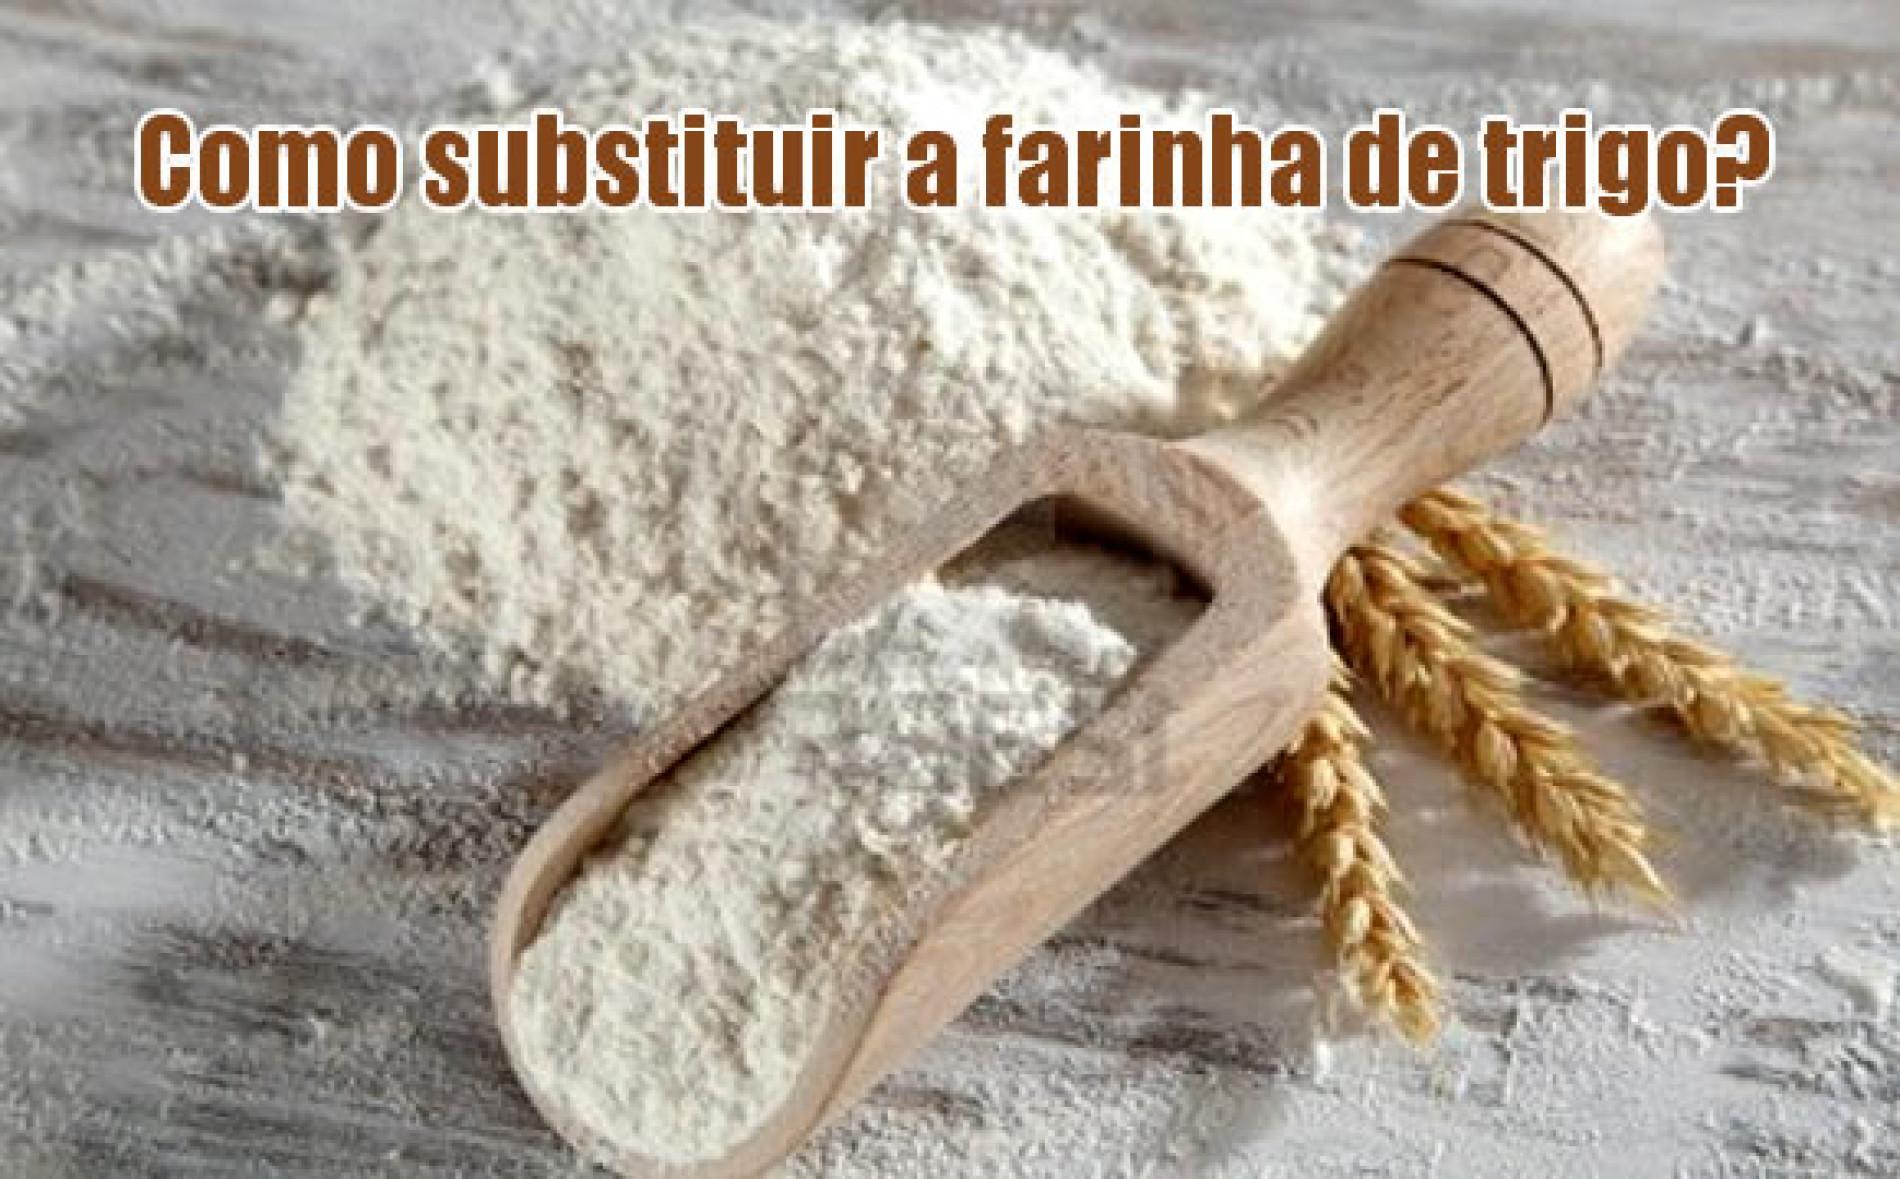 4 dicas para substituir a farinha branca/trigo